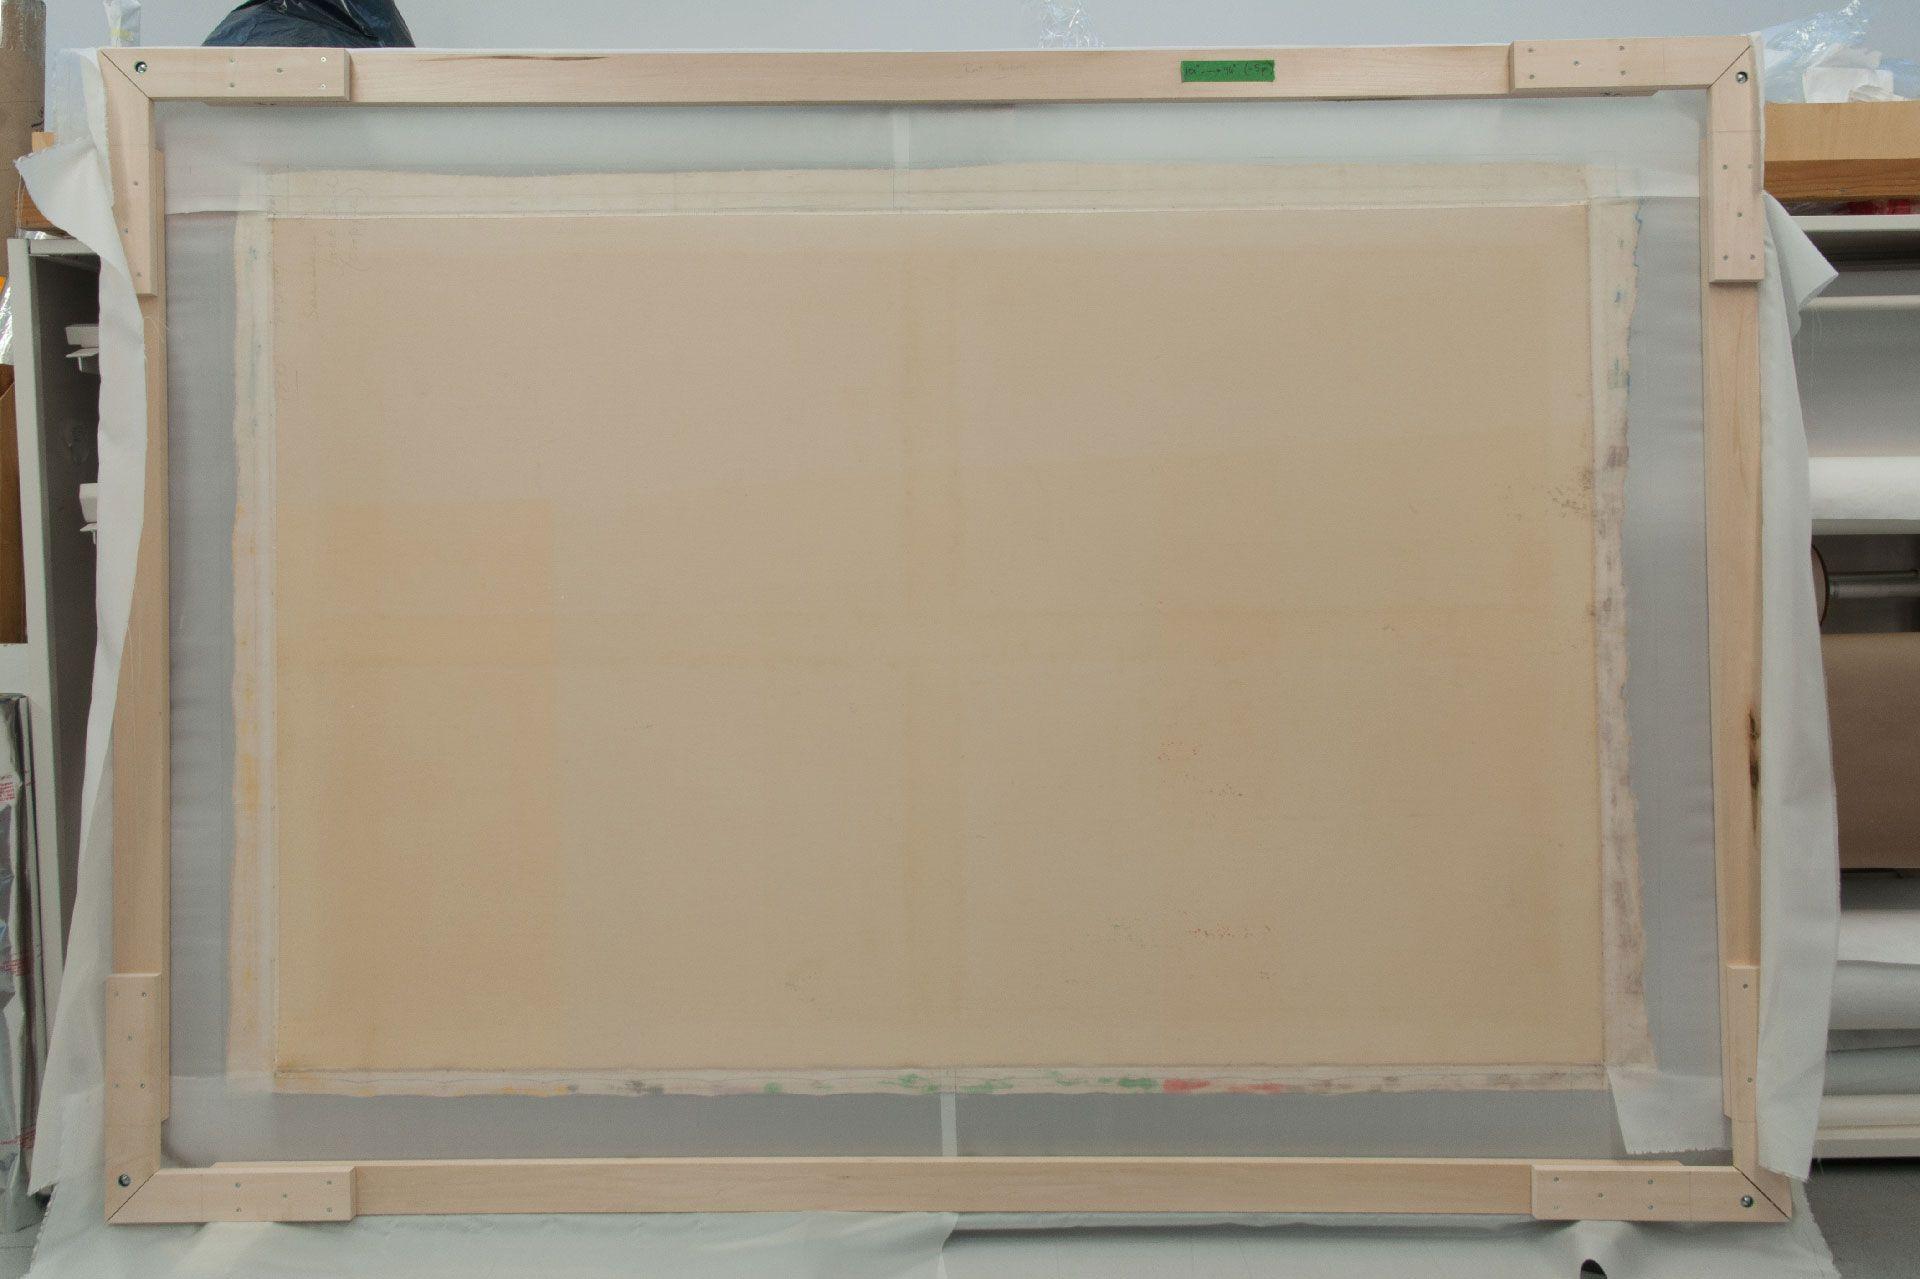 Après avoir démonté la toile de son châssis et aplani ses marges extérieures, on a collé des bandes de tissu en polyester aux bords pour que le tableau puisse être tendu sur un châssis de travail.